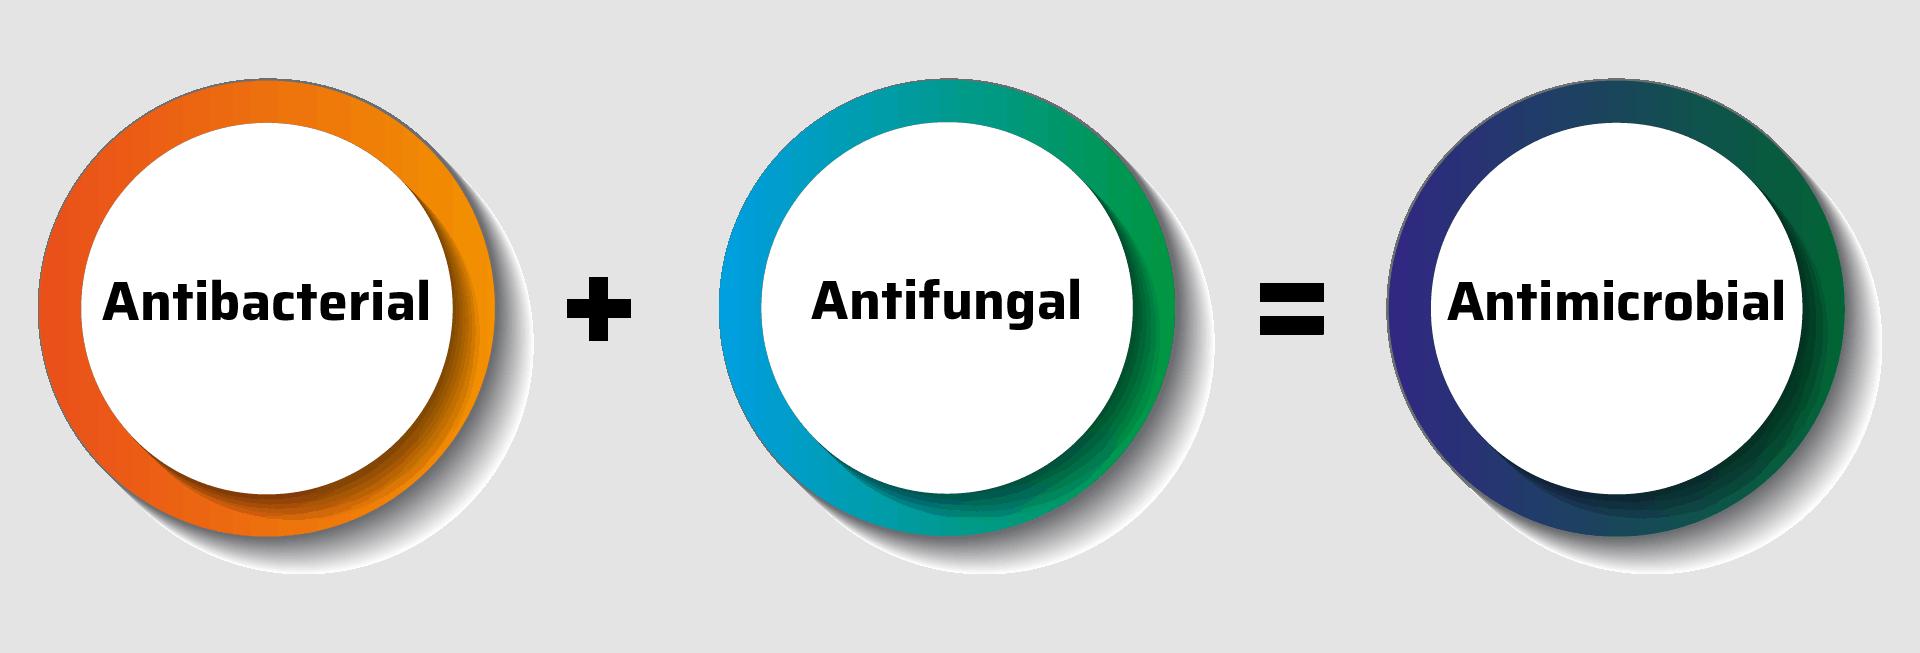 Antibacterial + Antifungal = Antimicrobial